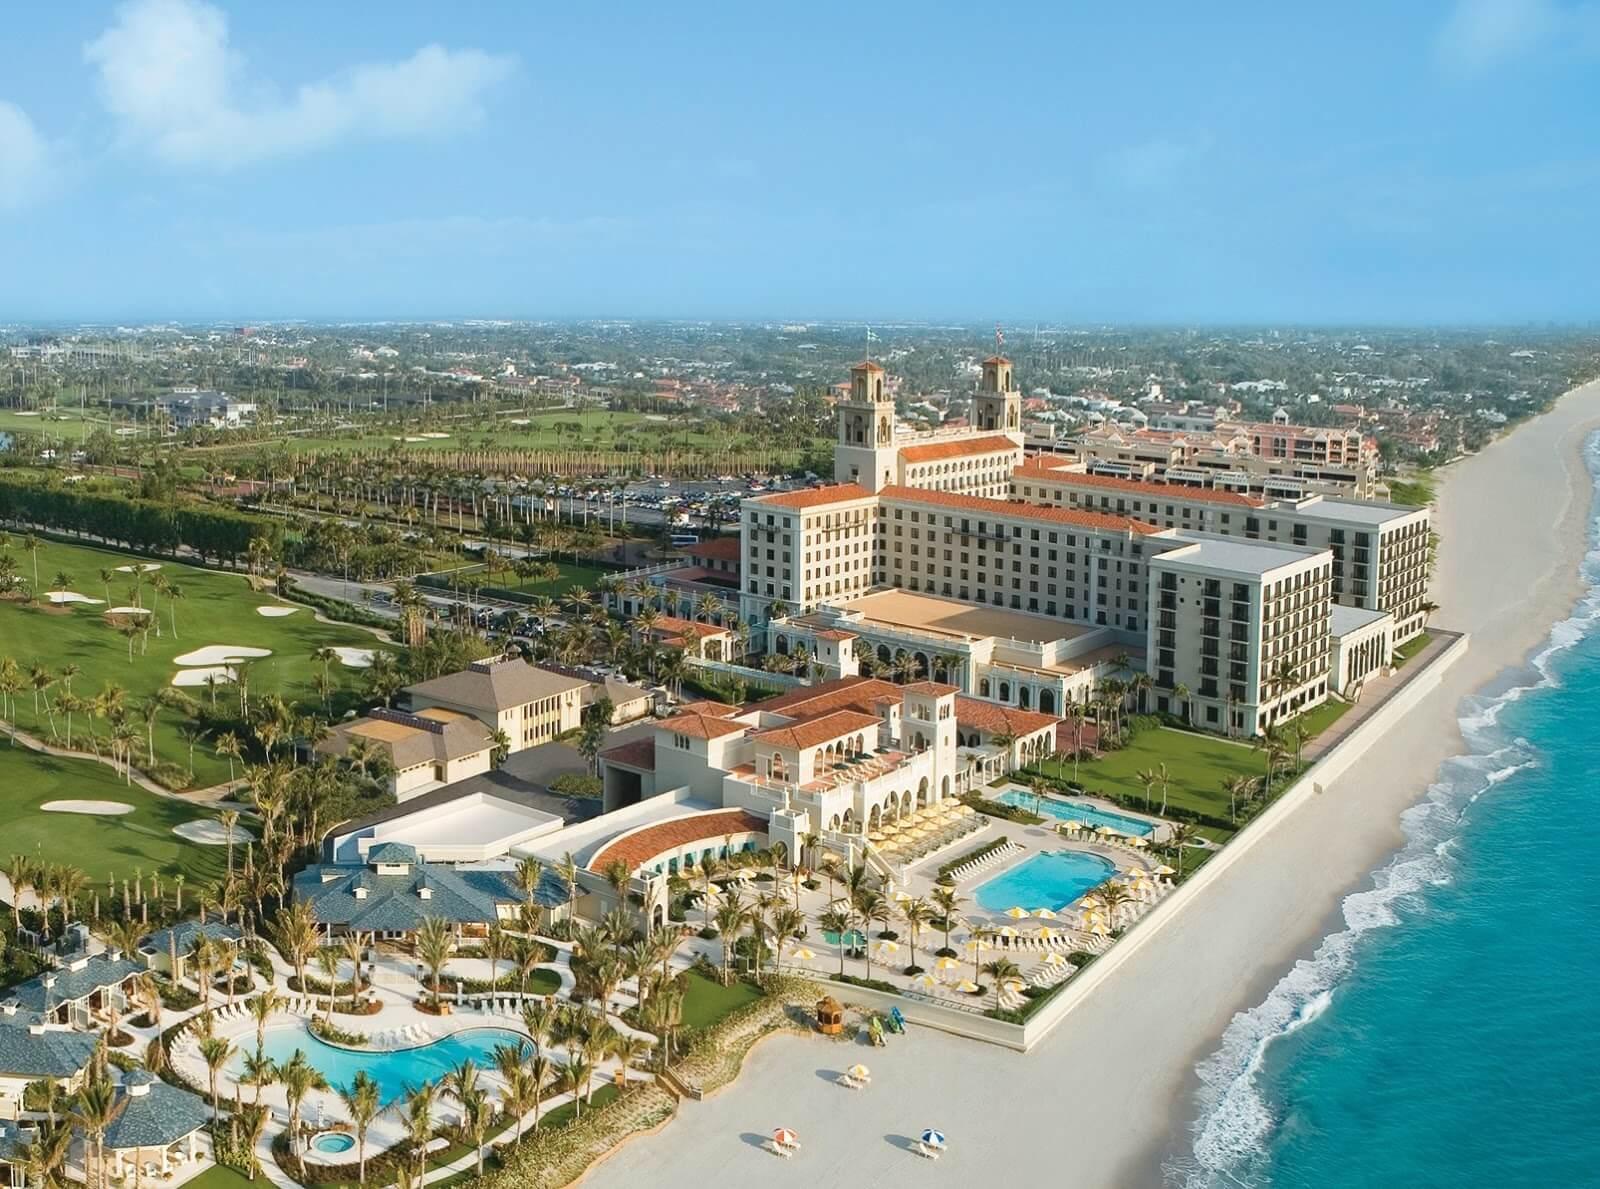 Pontos turísticos em Palm Beach: praia Palm Beach